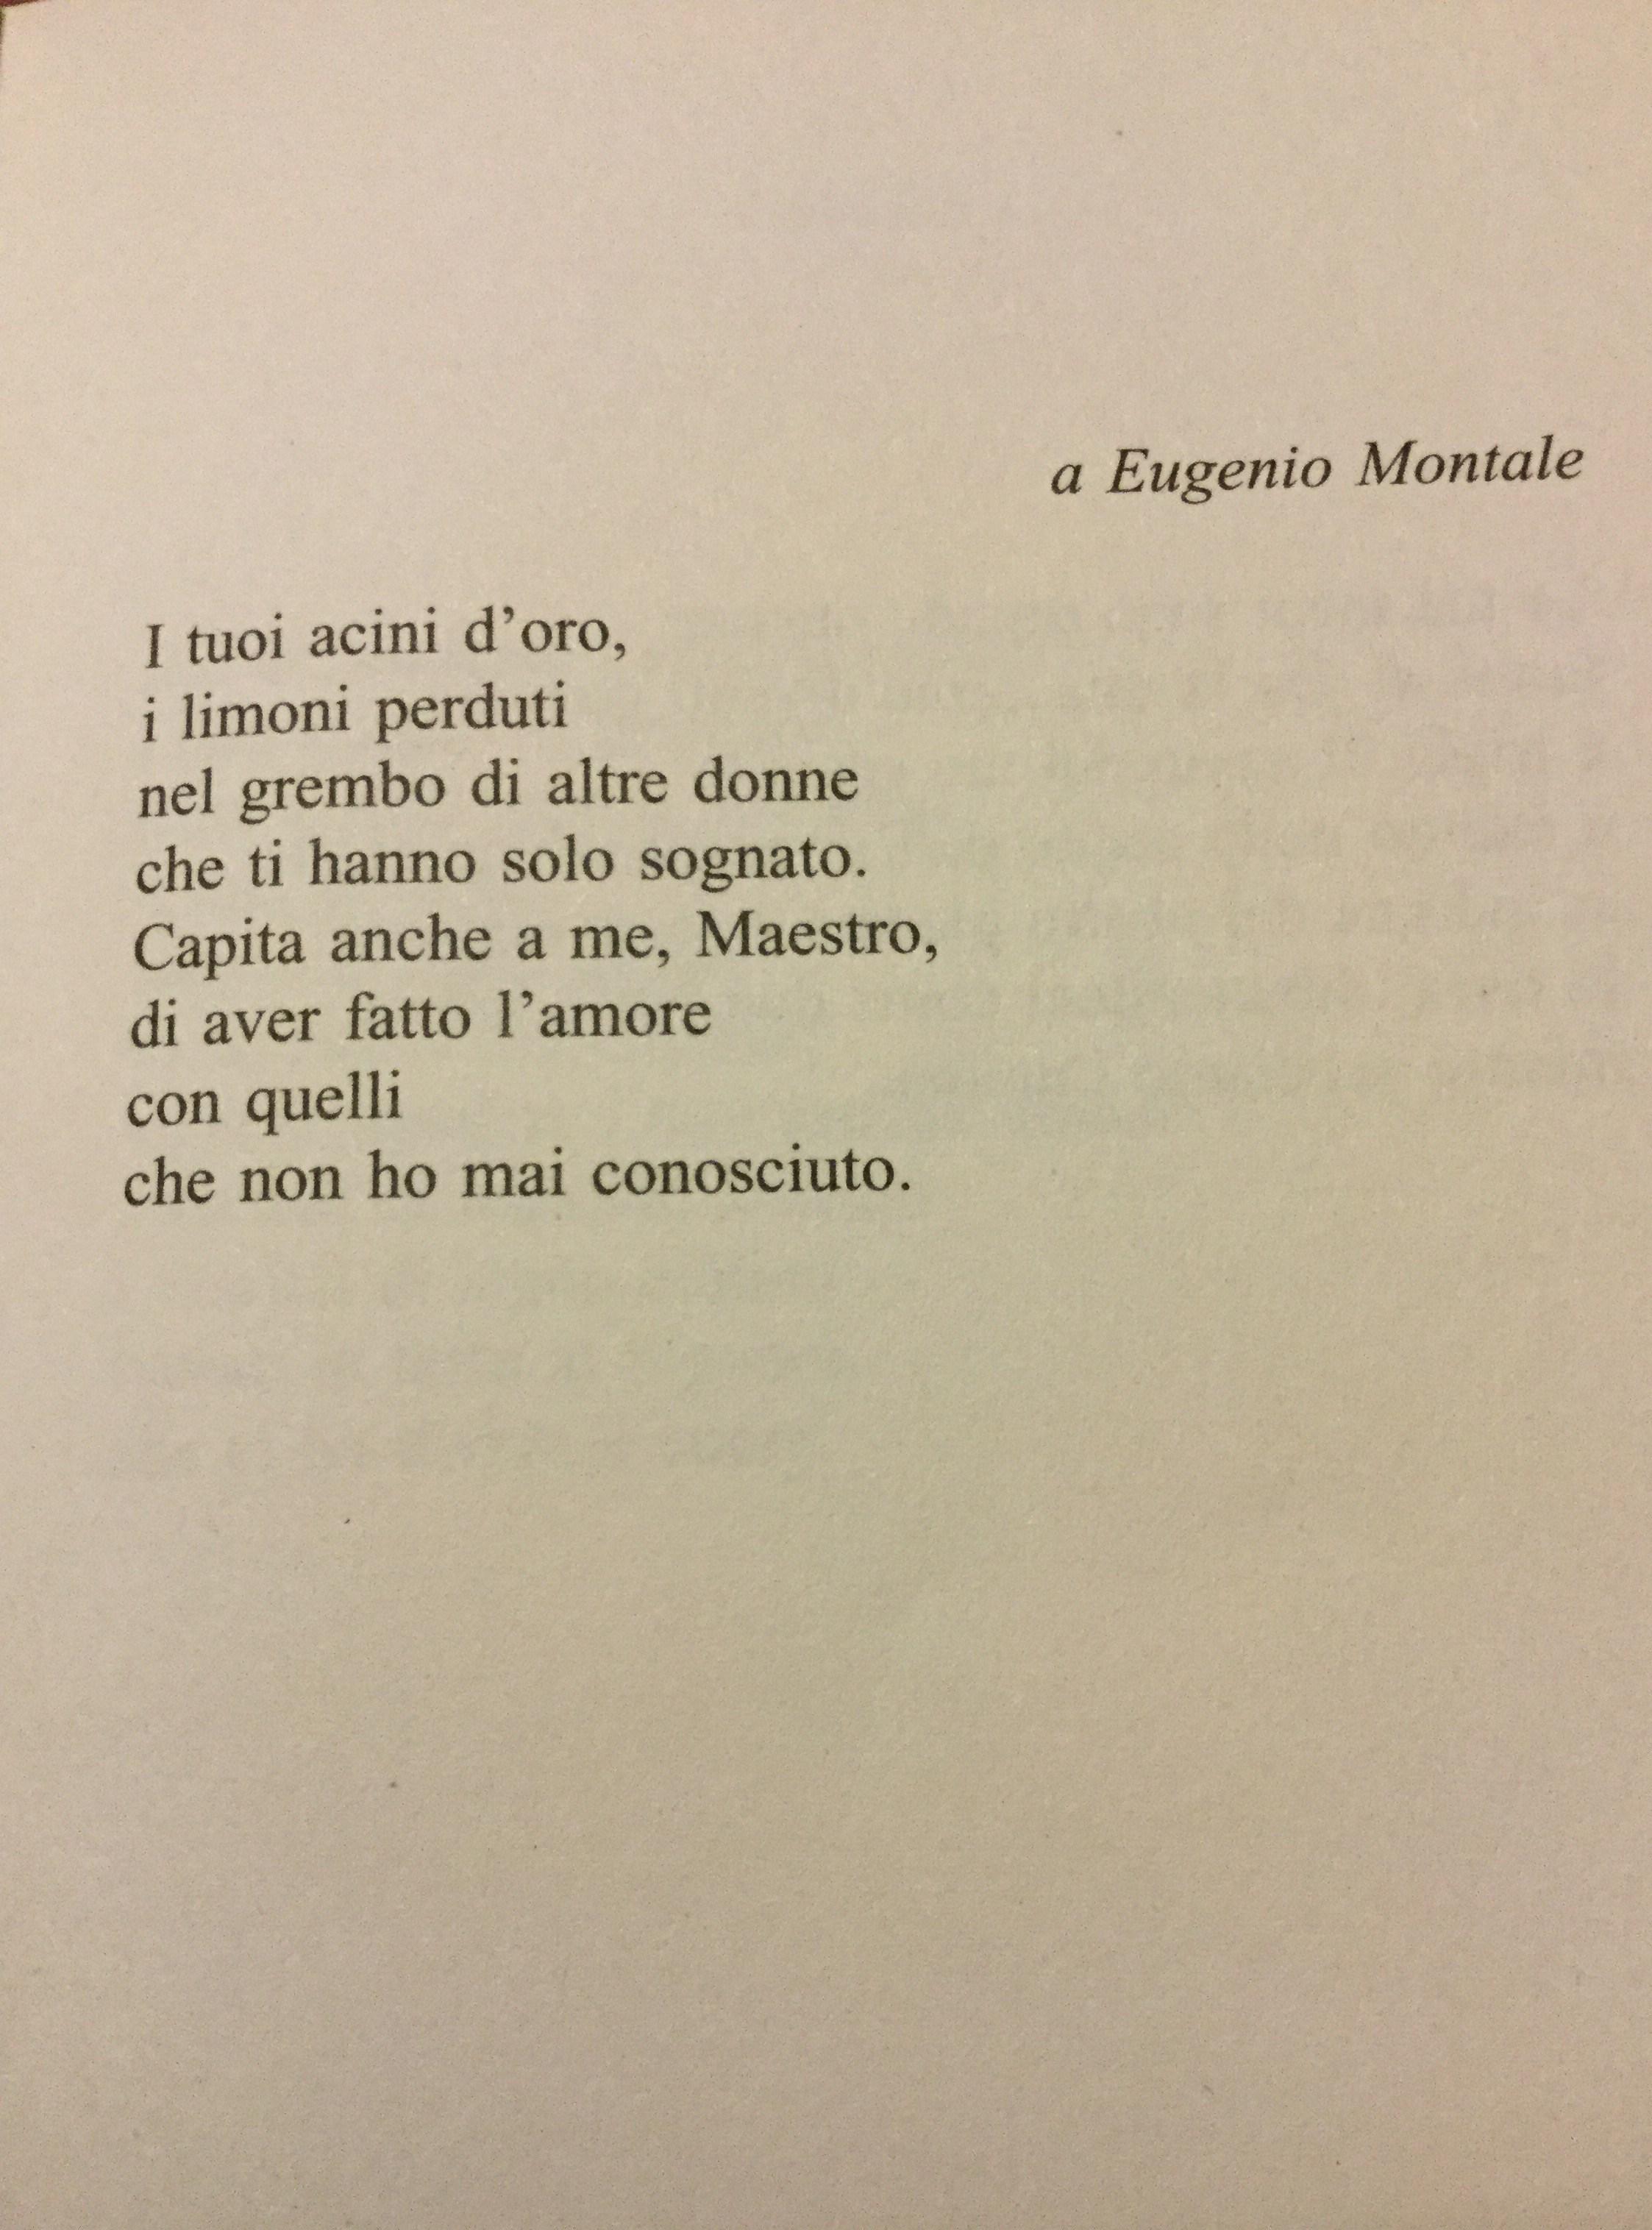 poesie d'amore alda merini